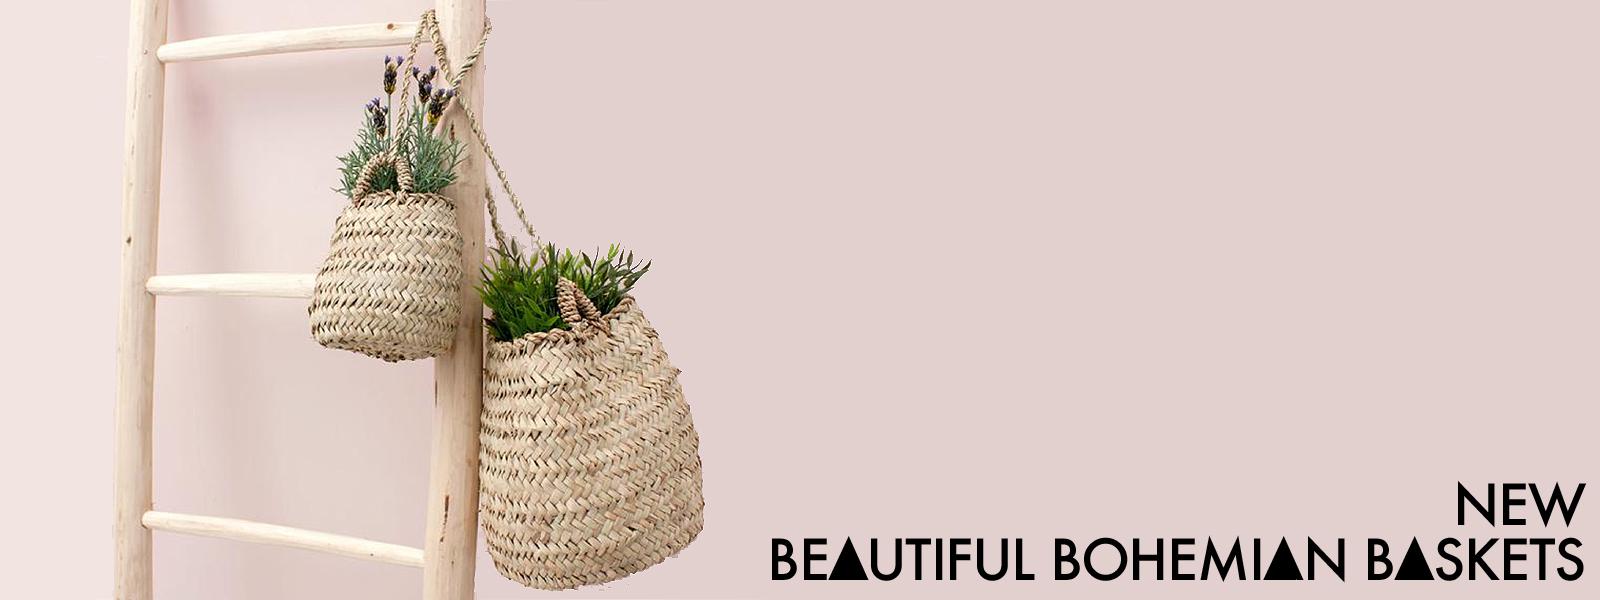 Bohemian baskets